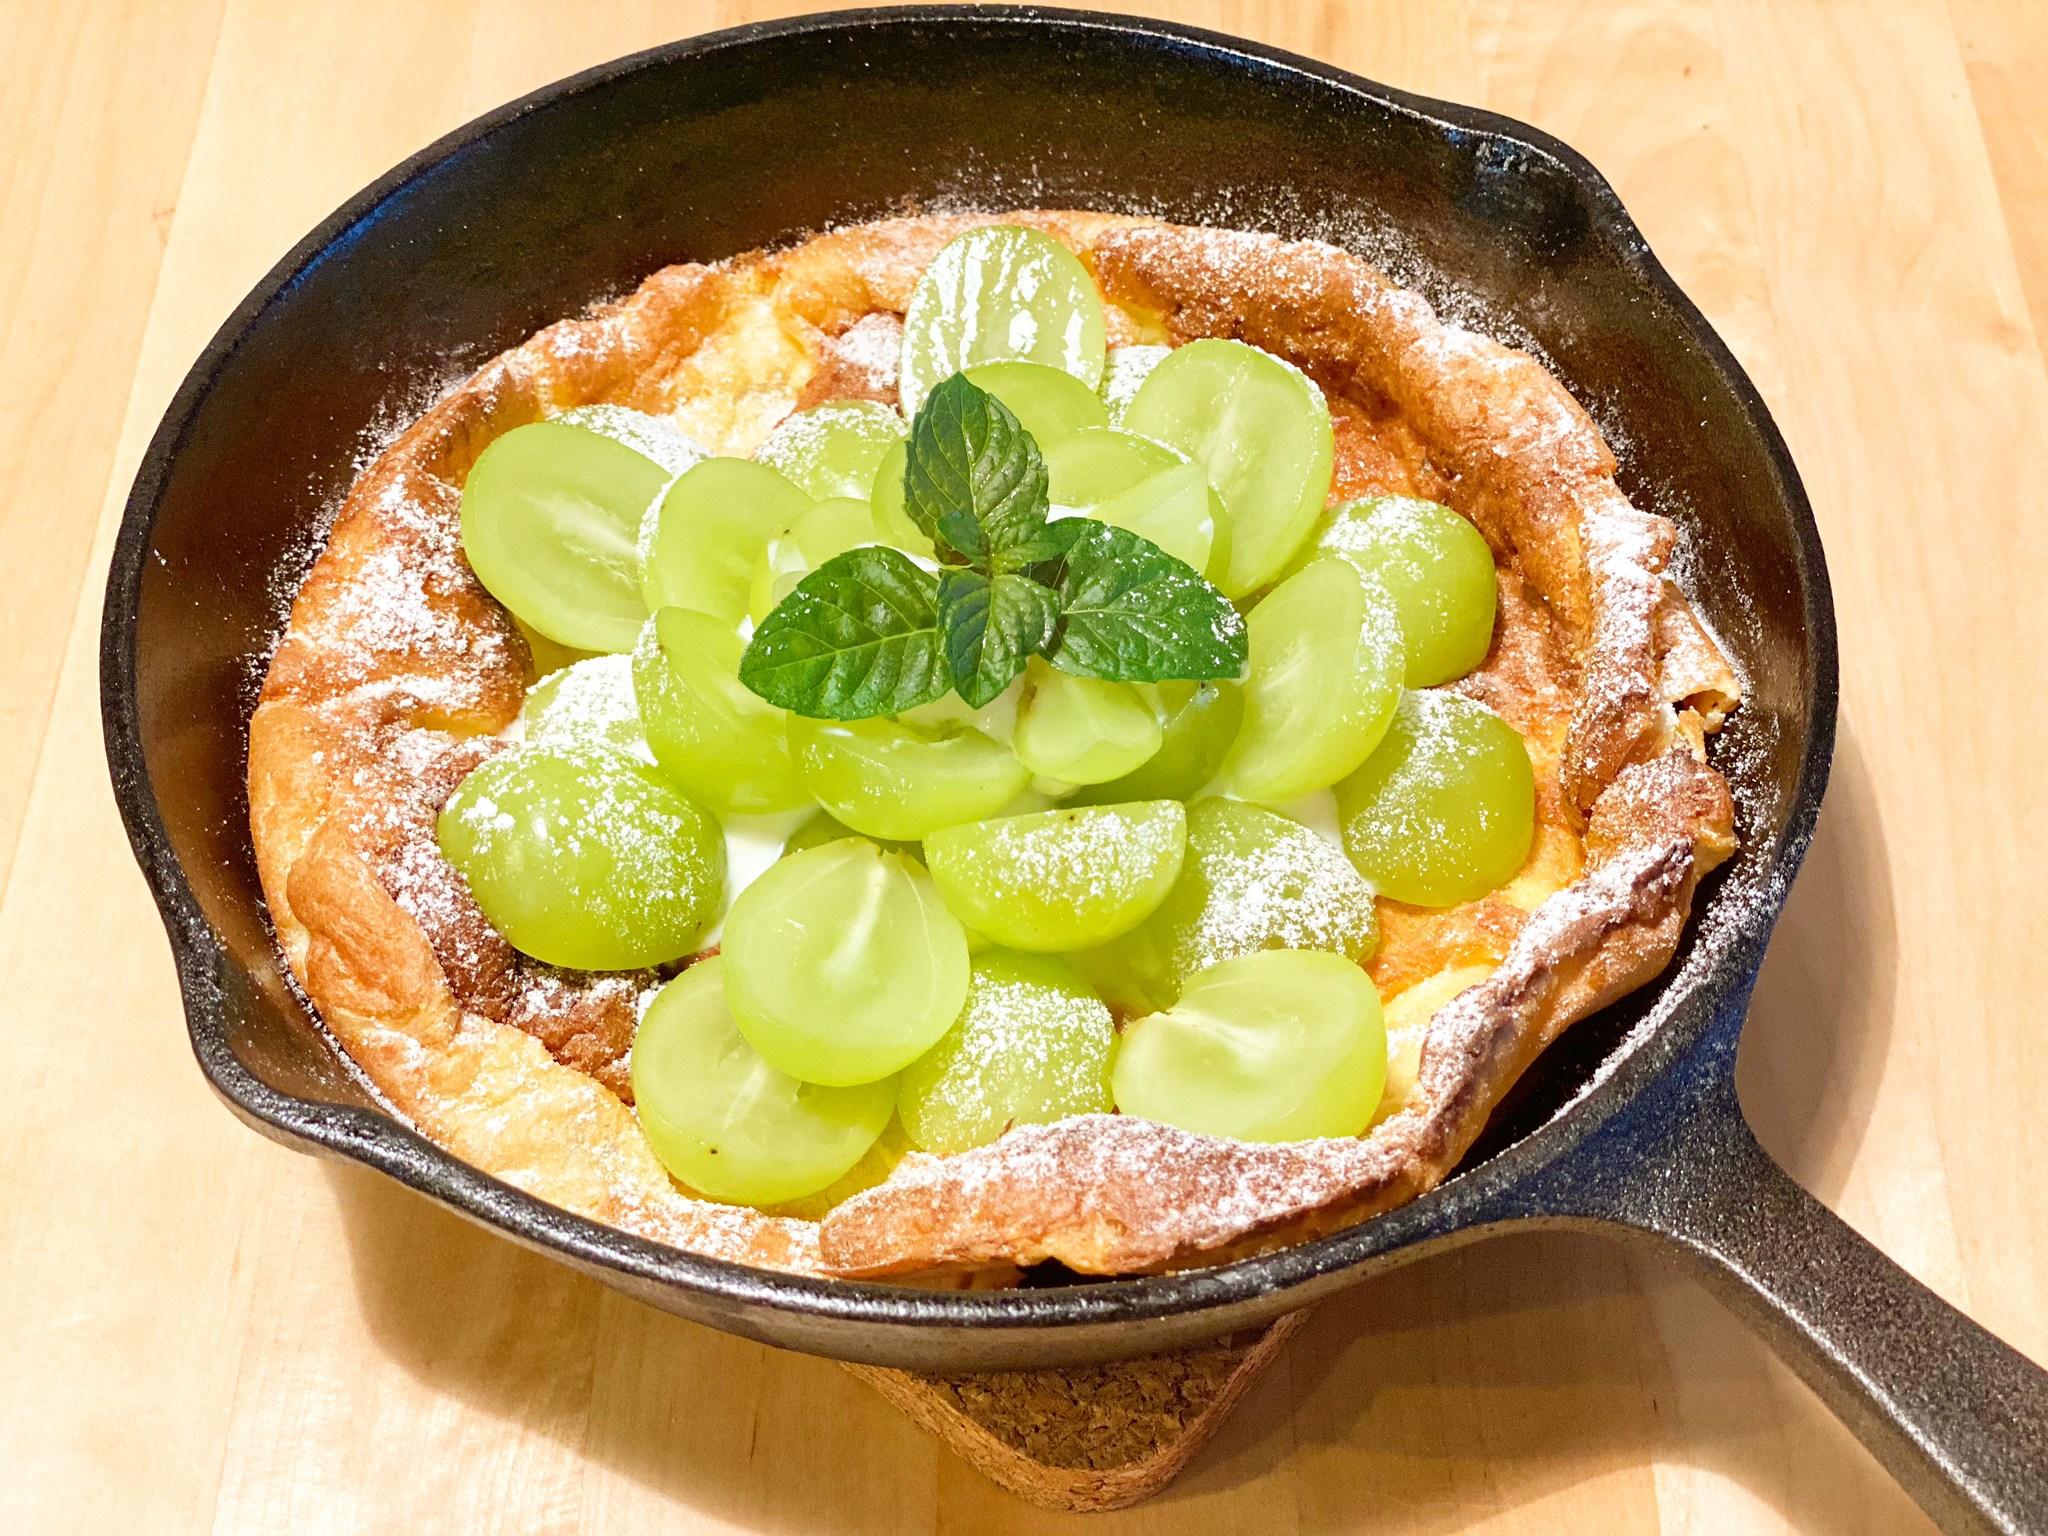 復活!フルーツを使った料理レシピ教えちゃいます